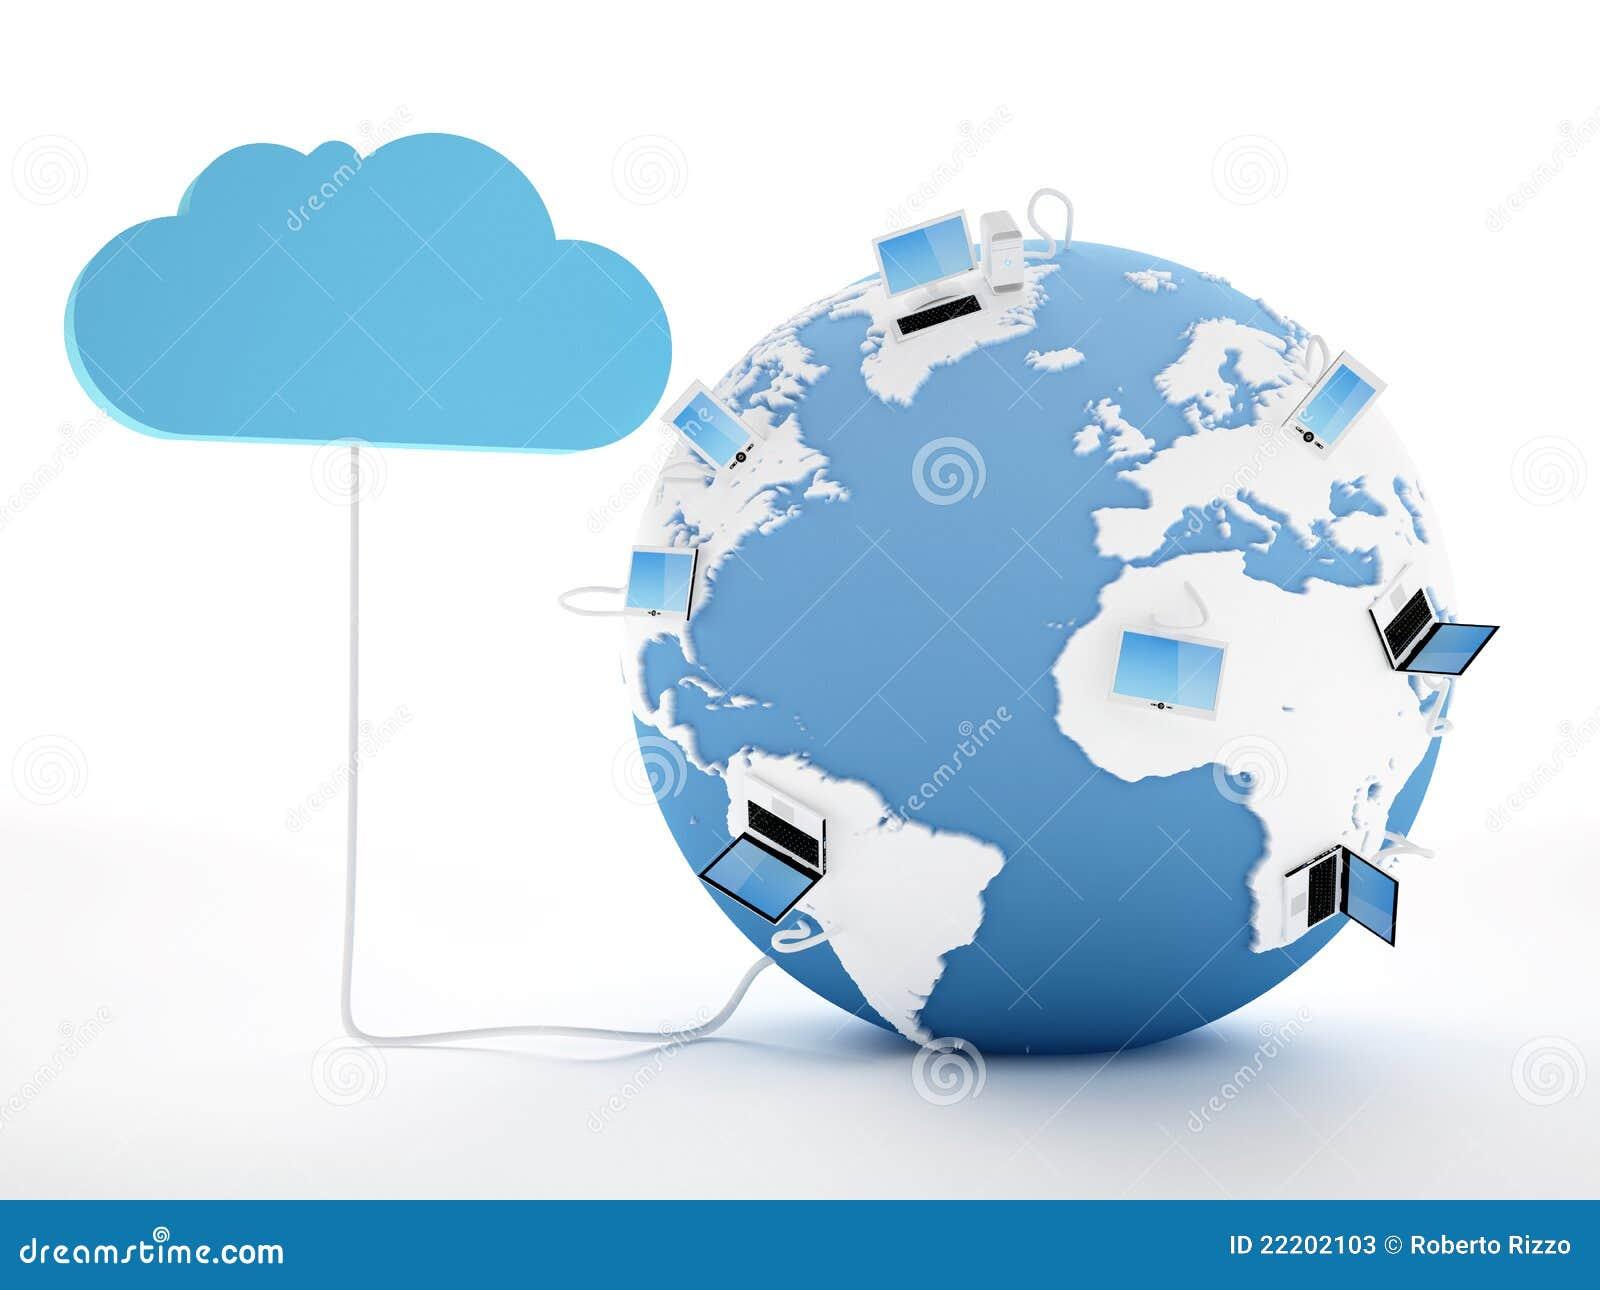 Cloud Computing Concept Stock Photos - Image: 22202103